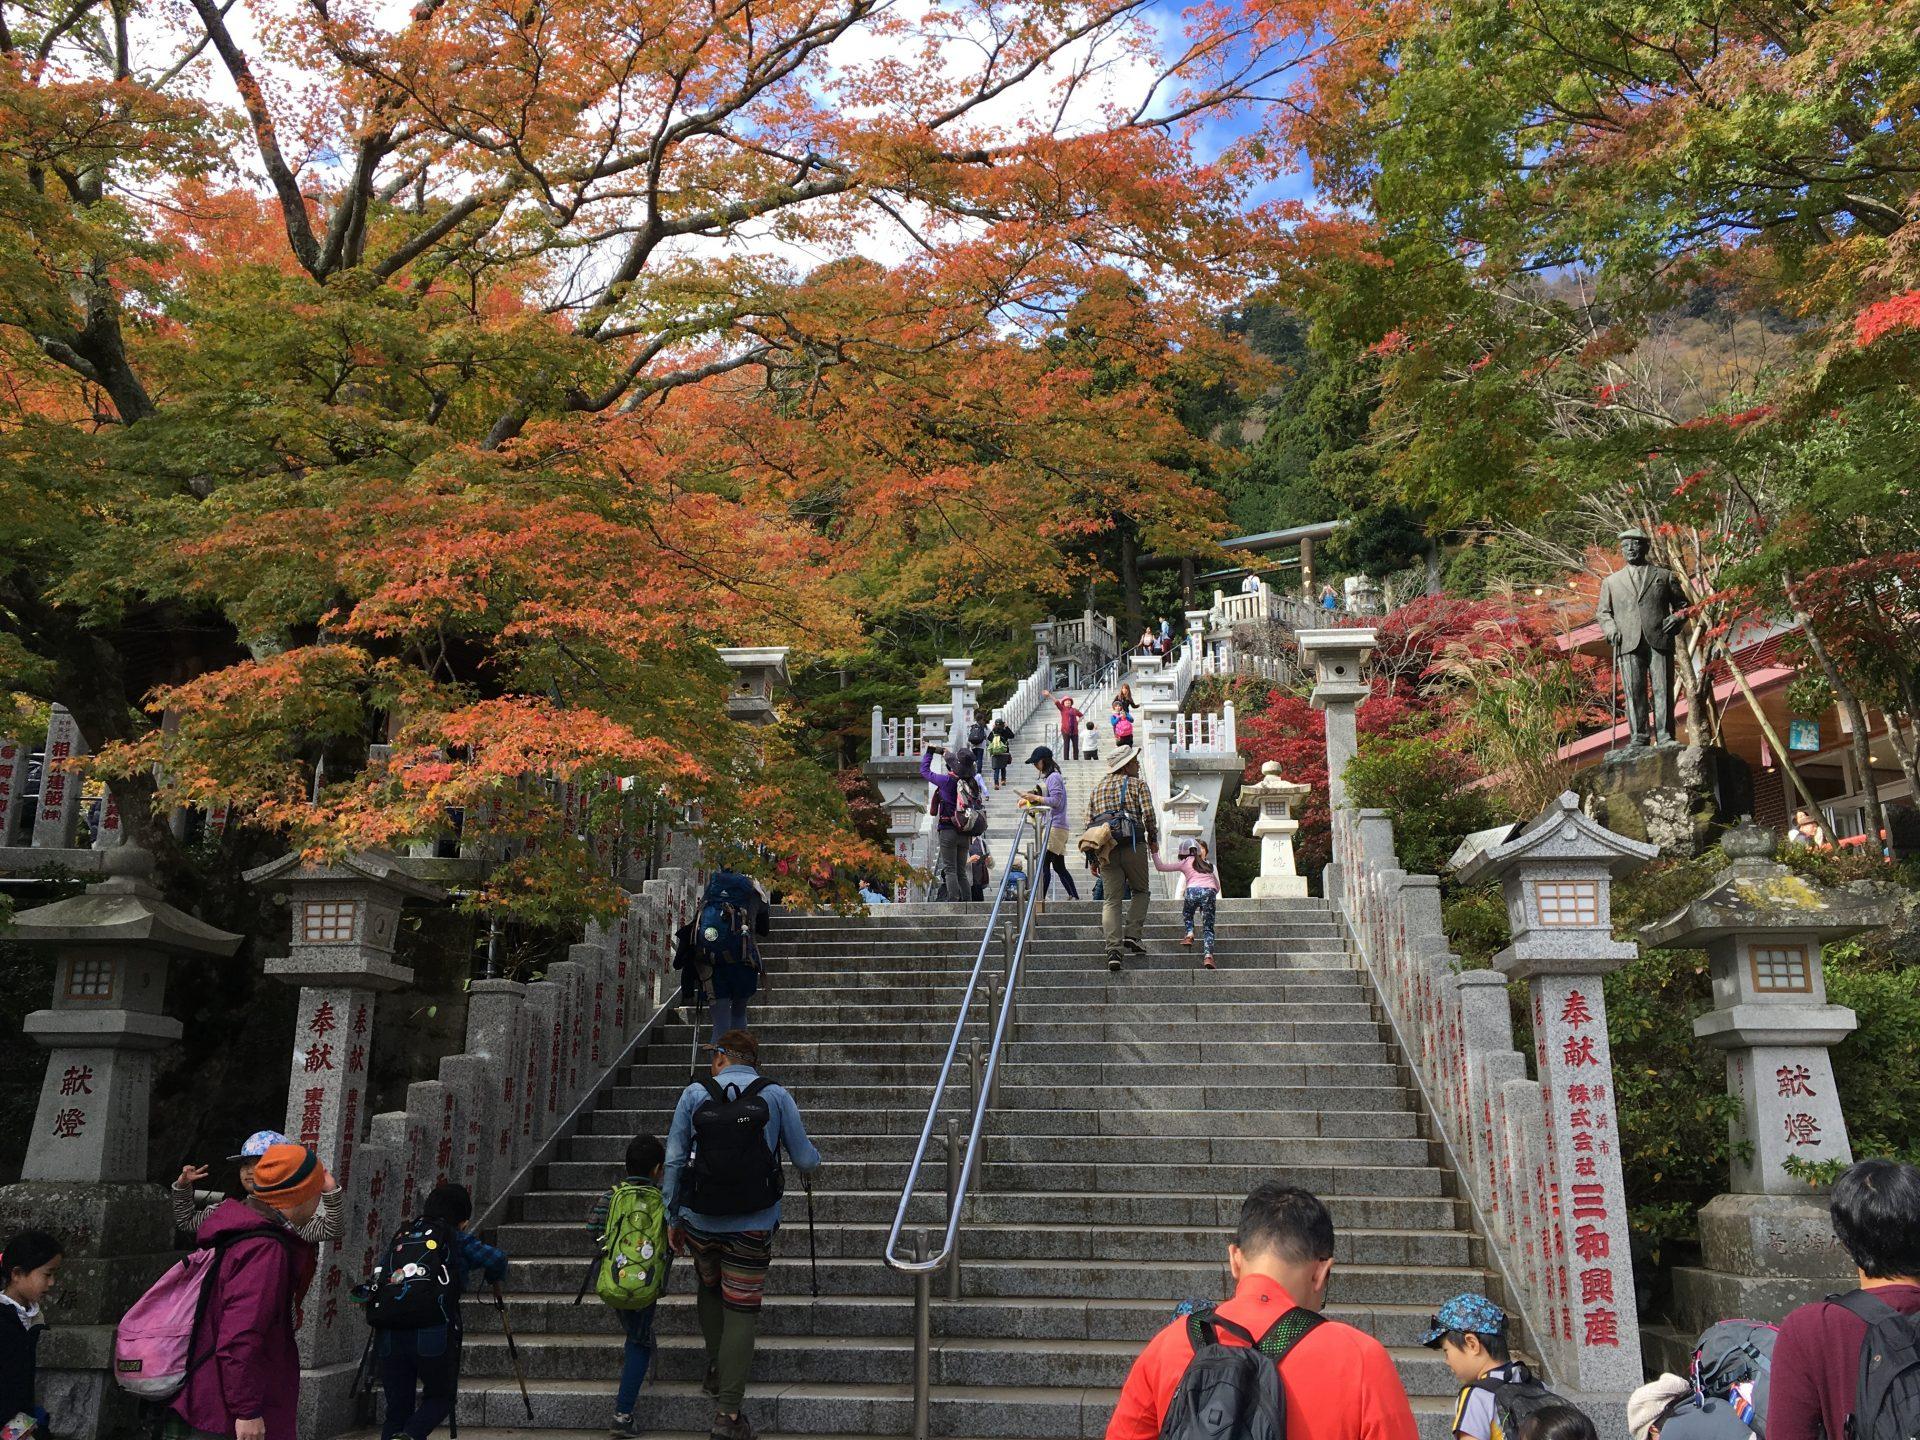 大山阿夫利神社への登山:所要時間やケーブルカー情報まとめ